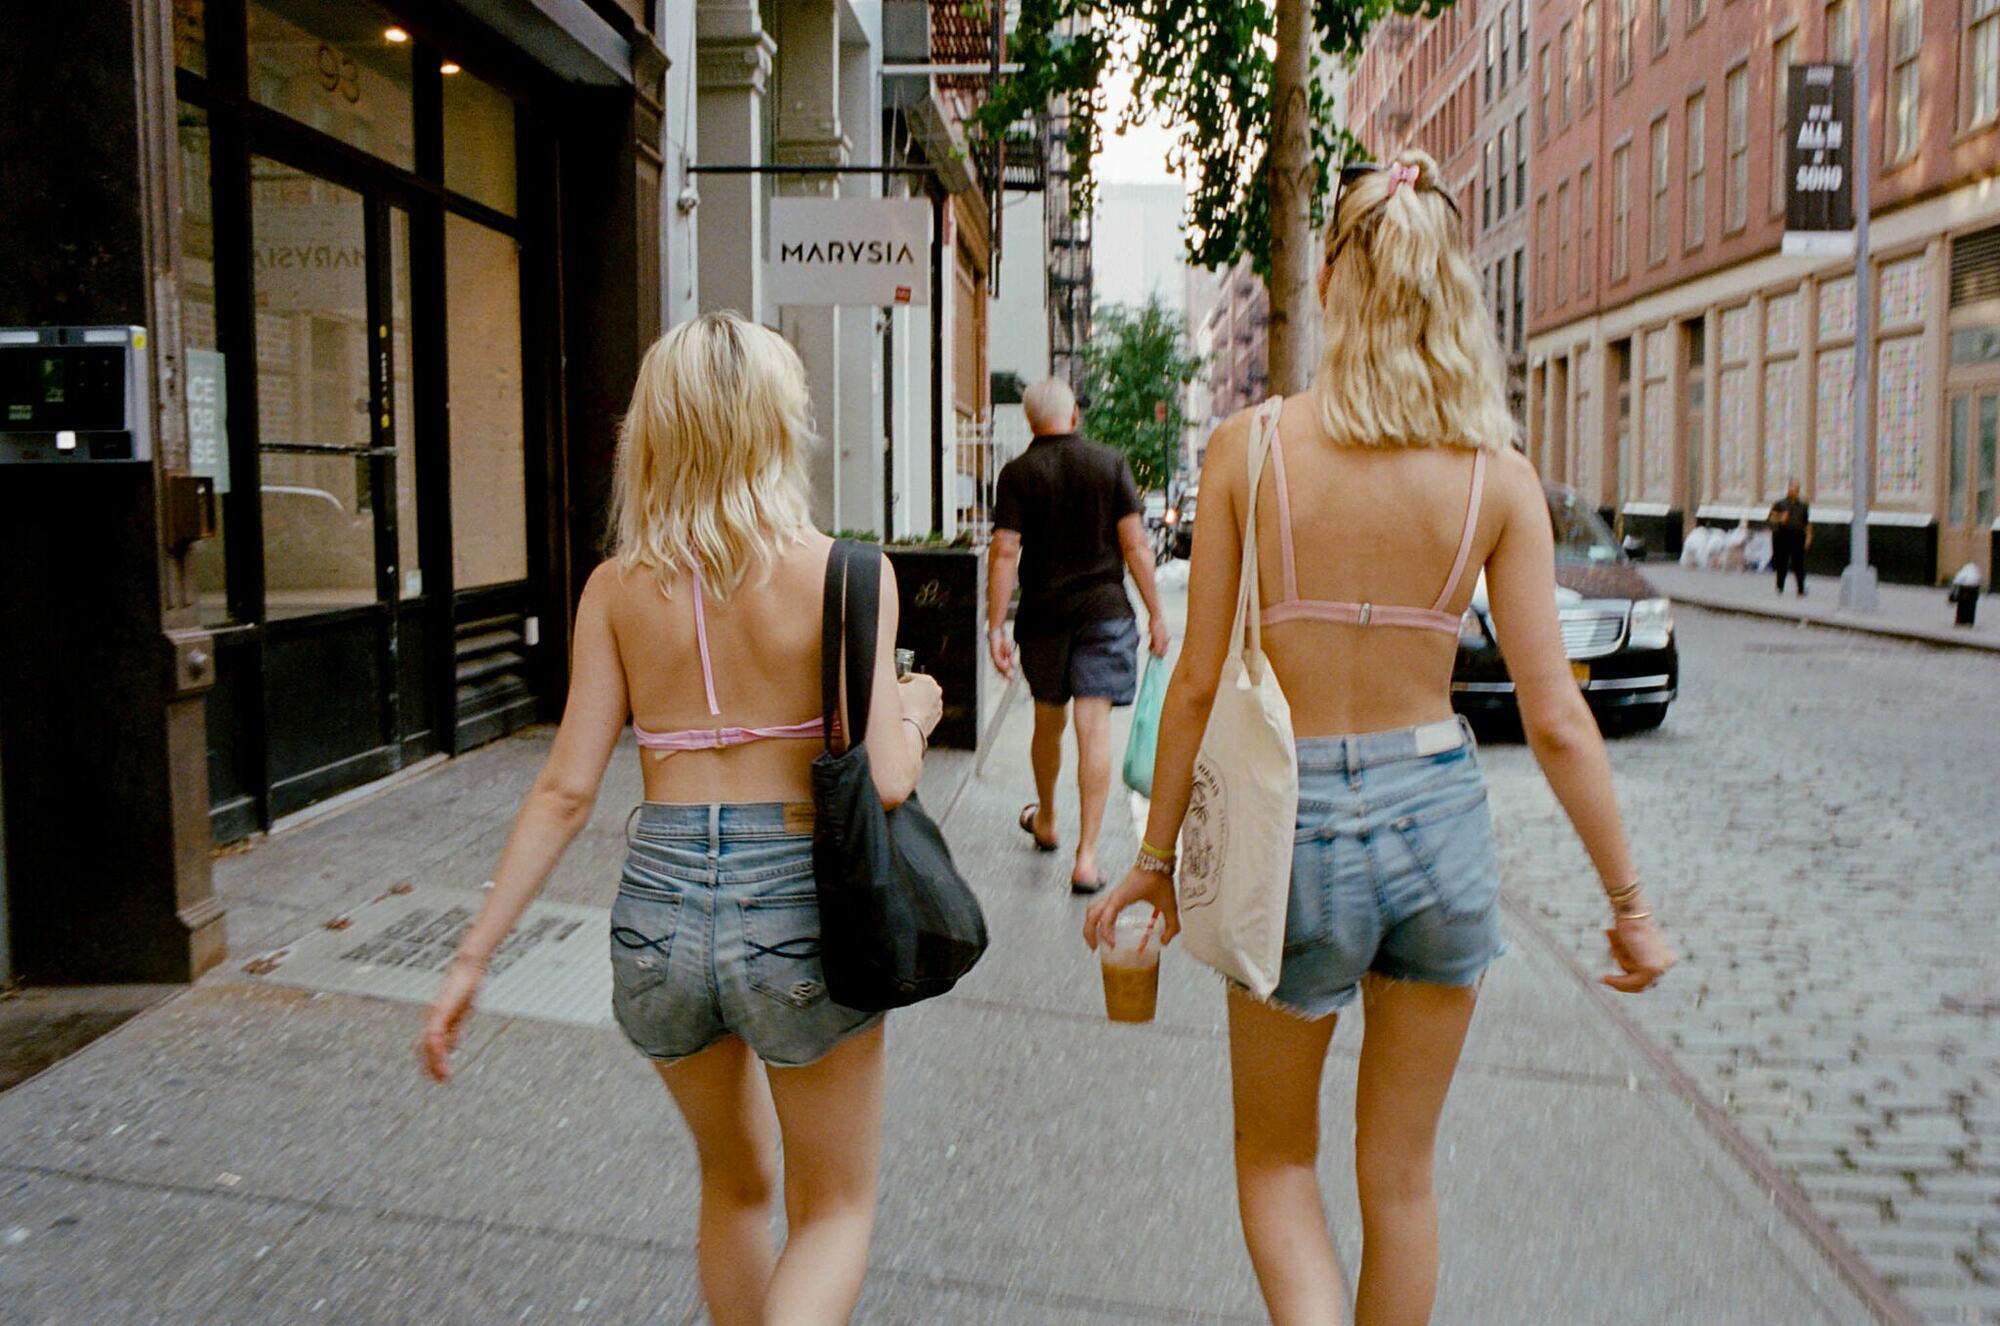 Phụ nữ Mỹ ăn mặc mát mẻ trên đường phố. Ảnh: Sara Messinger/ New York Times.